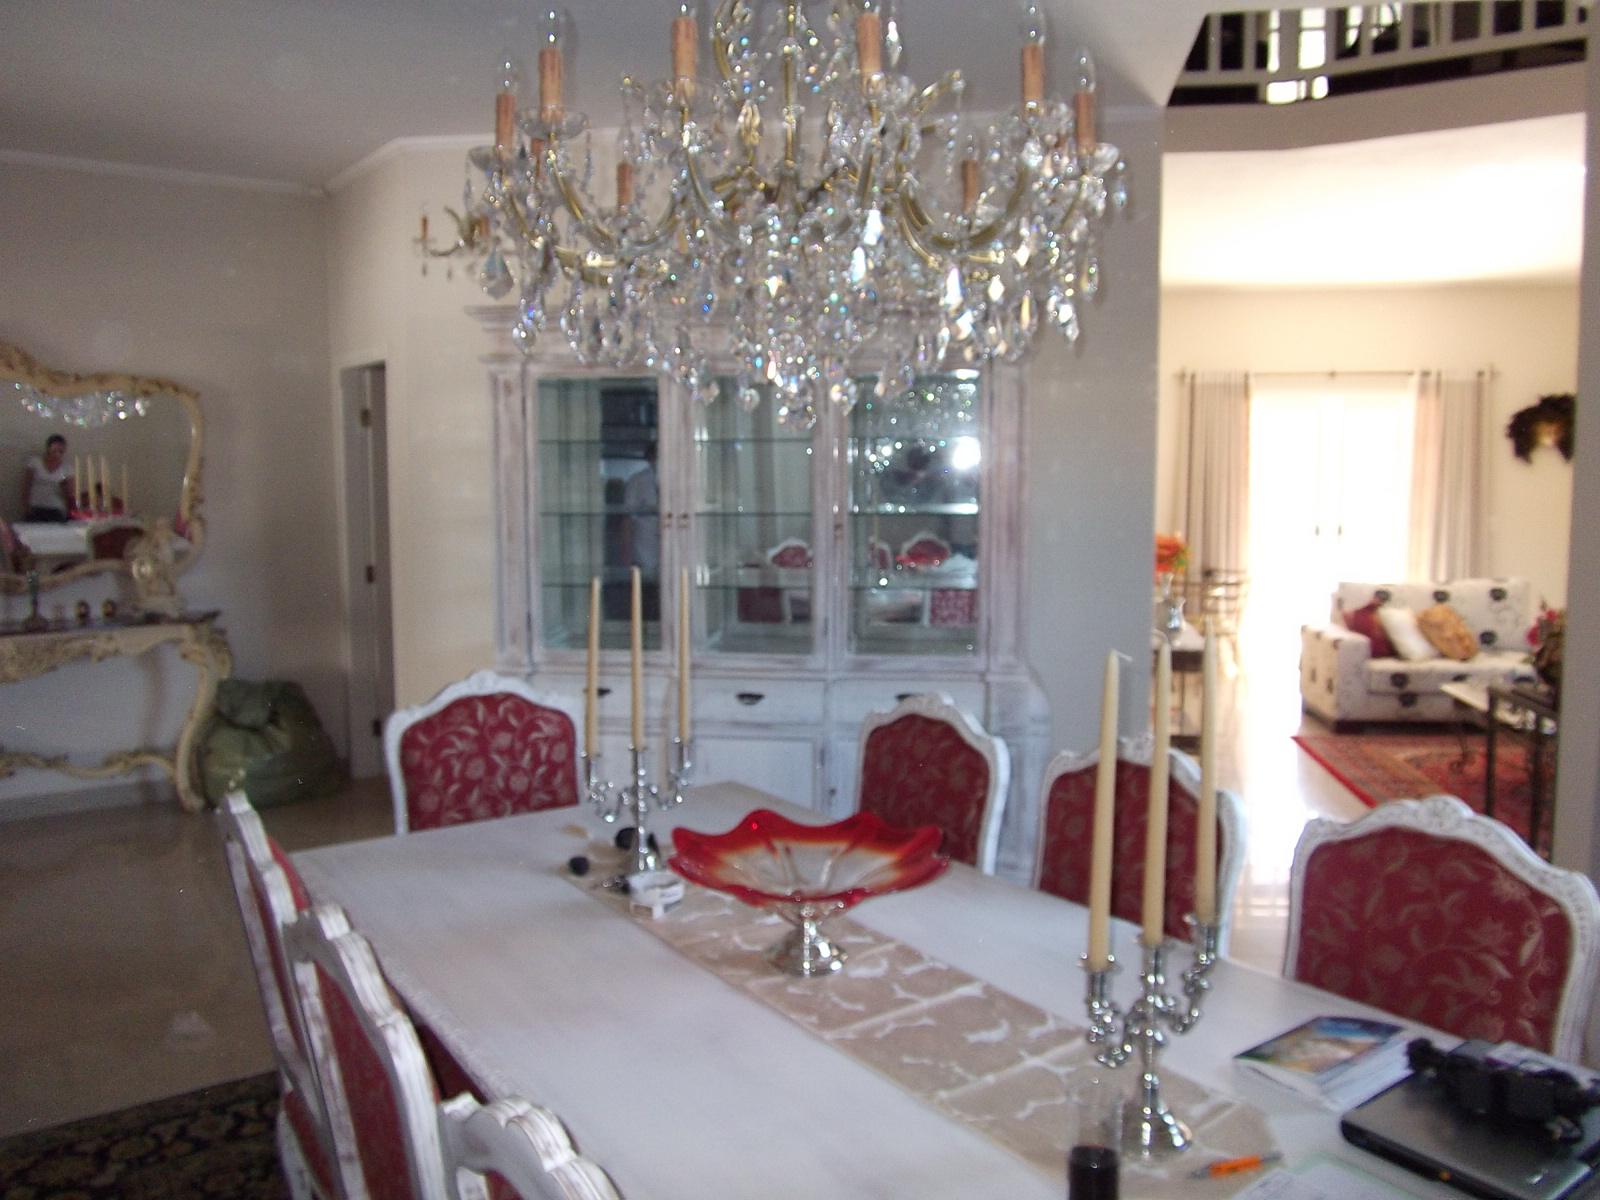 Home Design Interior Online Design De Interiores E Online Decora 231 227 O Moveis Antigos